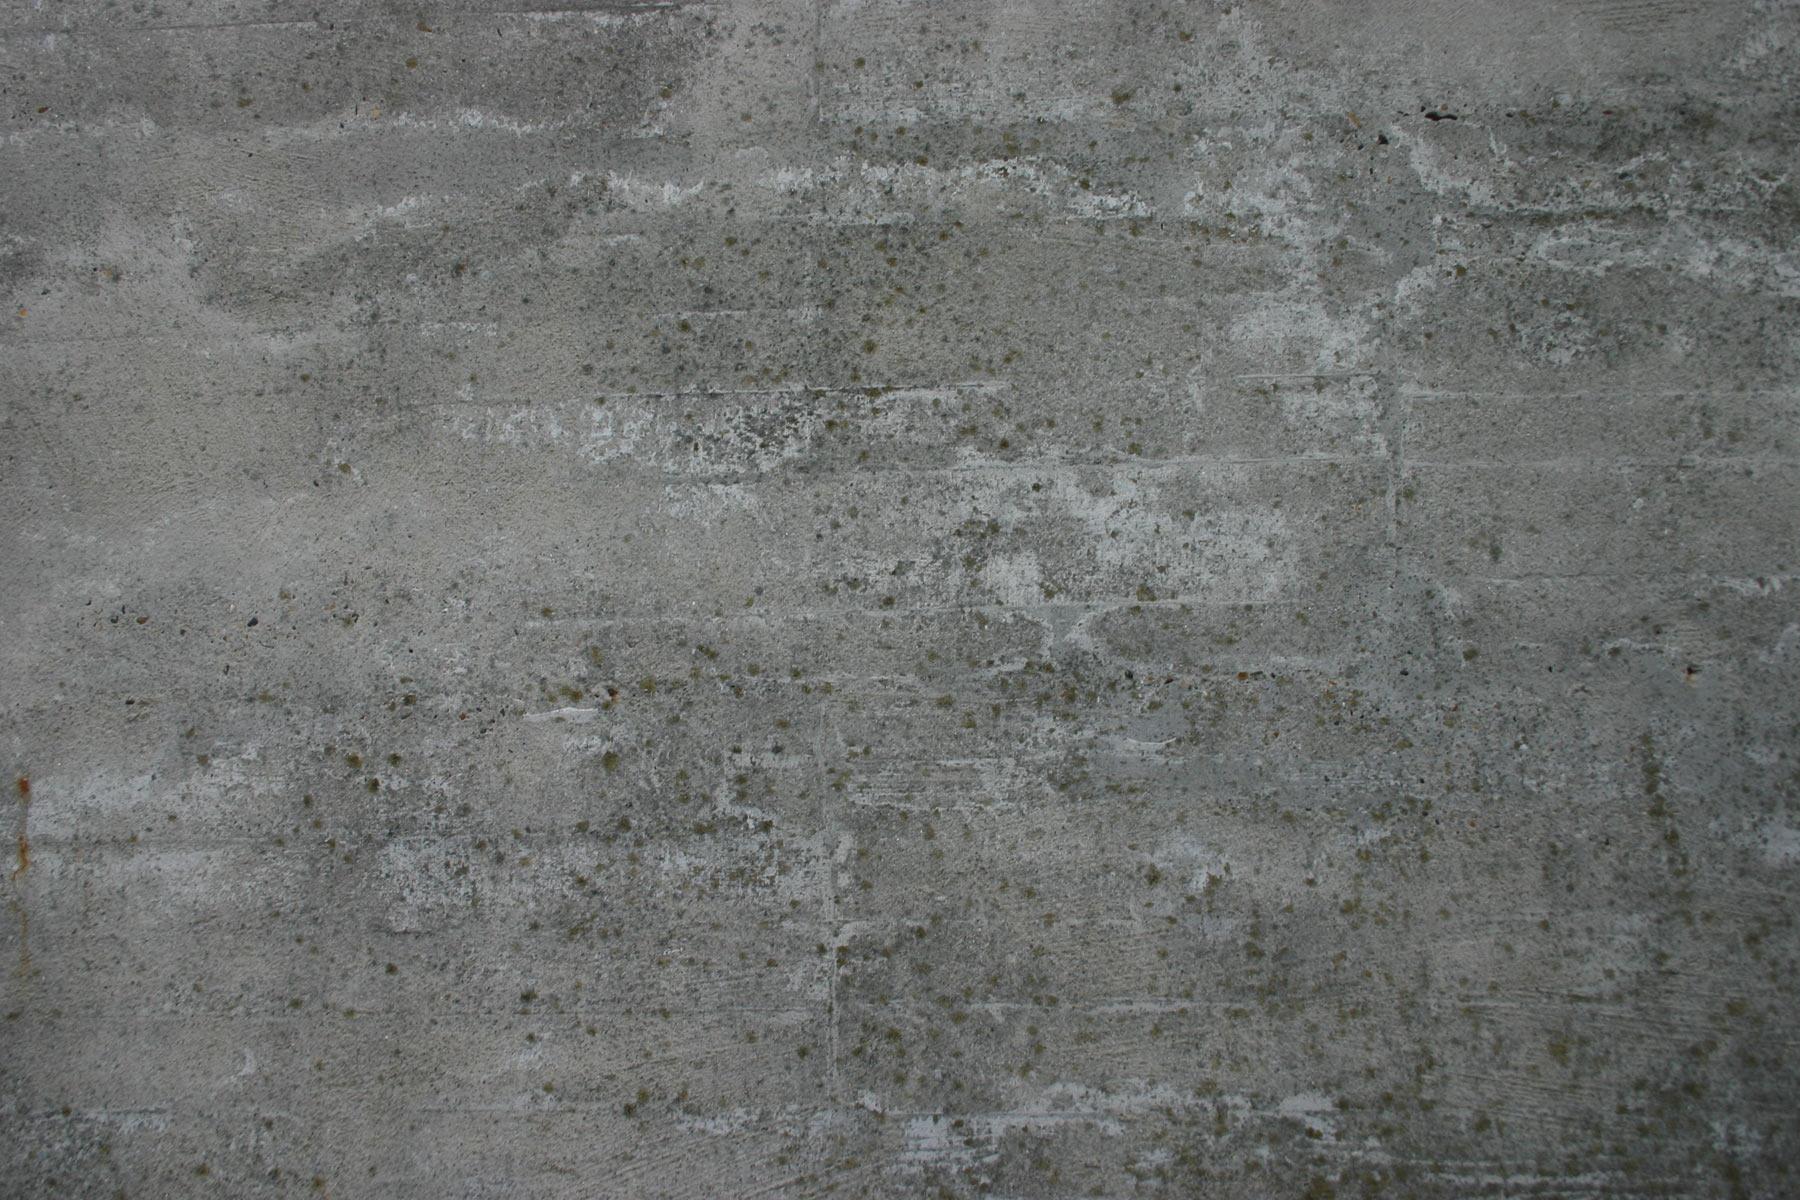 Concrete texture, Concrete, Cracks, Dirty, Grunge, HQ Photo